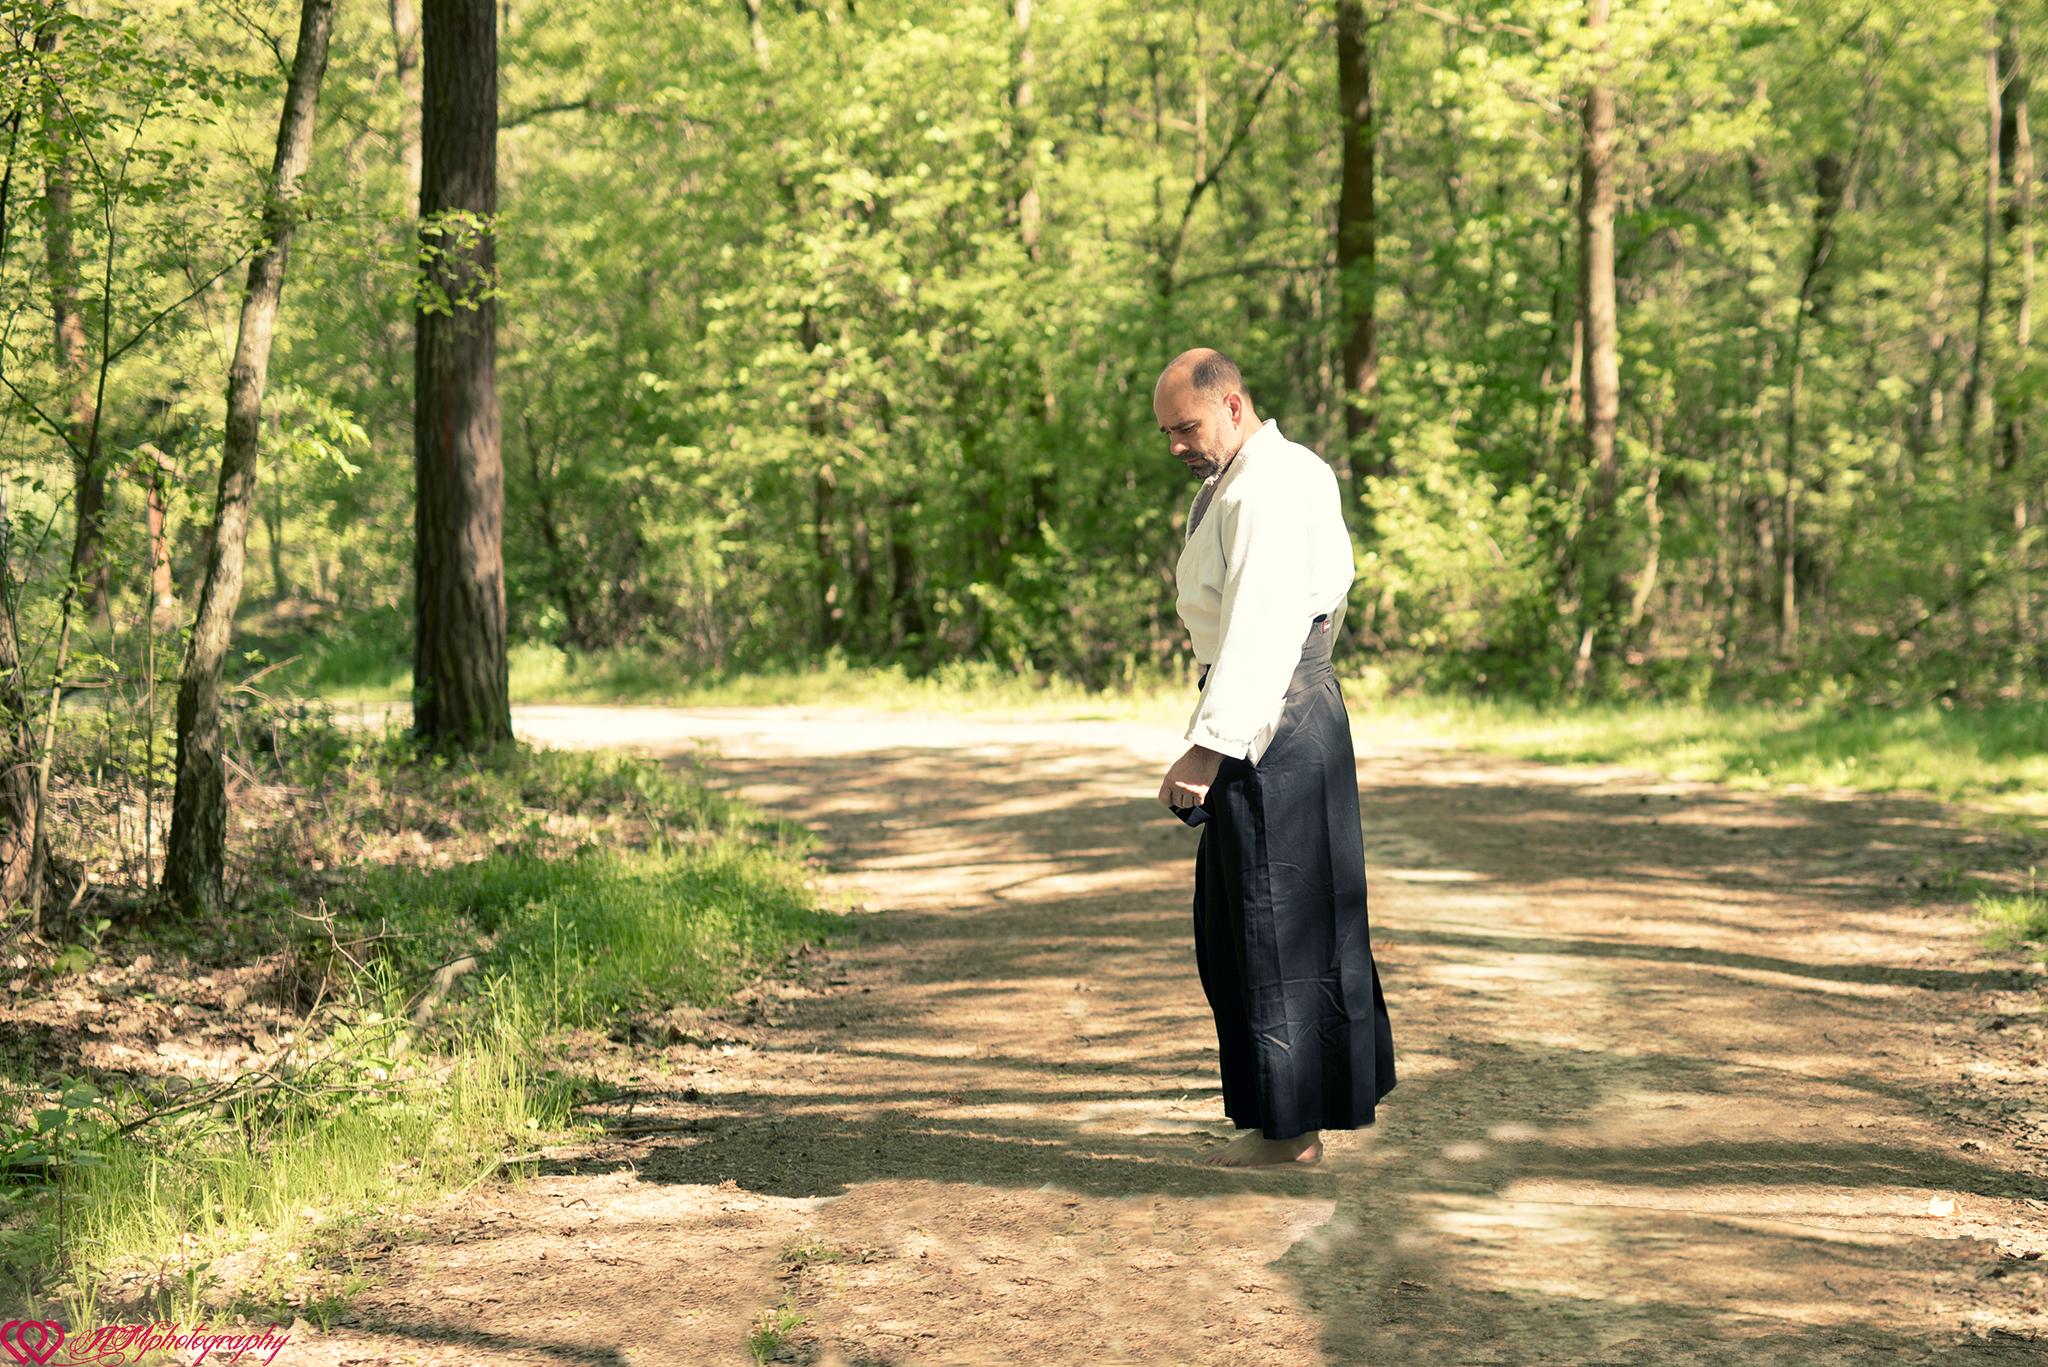 Trening Super Aikido Lublin Kozłowiecki Park Krajobrazowy (3)